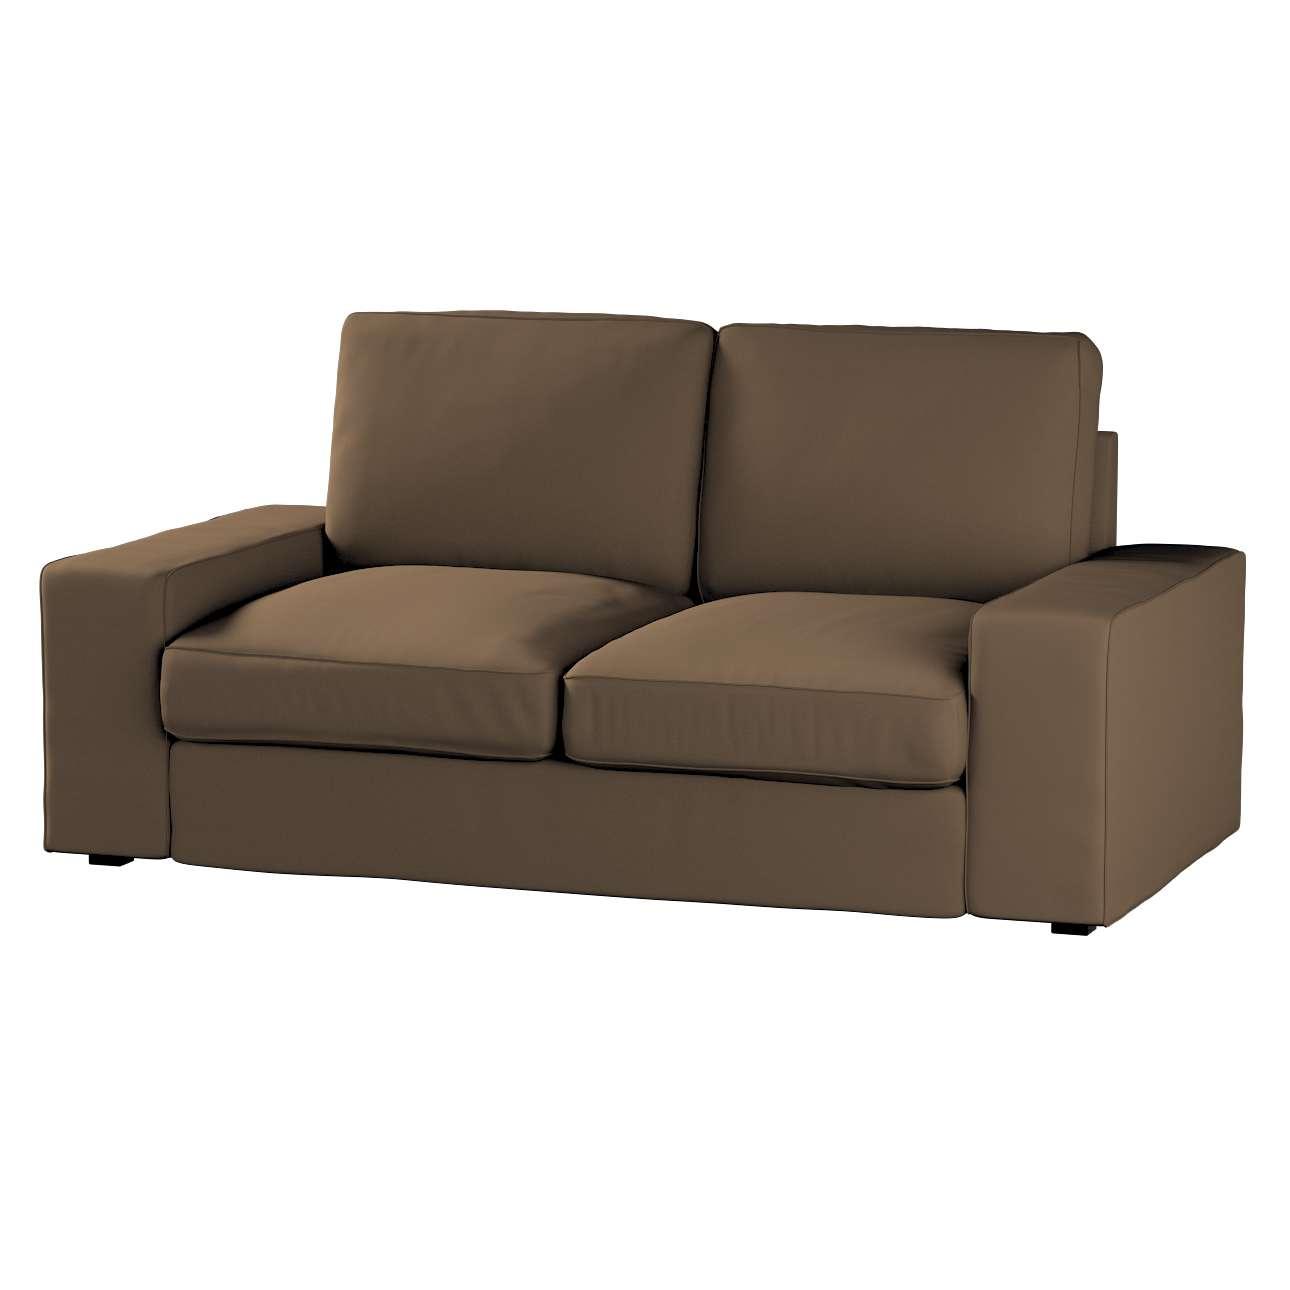 KIVIK dvivietės sofos užvalkalas Kivik 2-seat sofa kolekcijoje Cotton Panama, audinys: 702-02